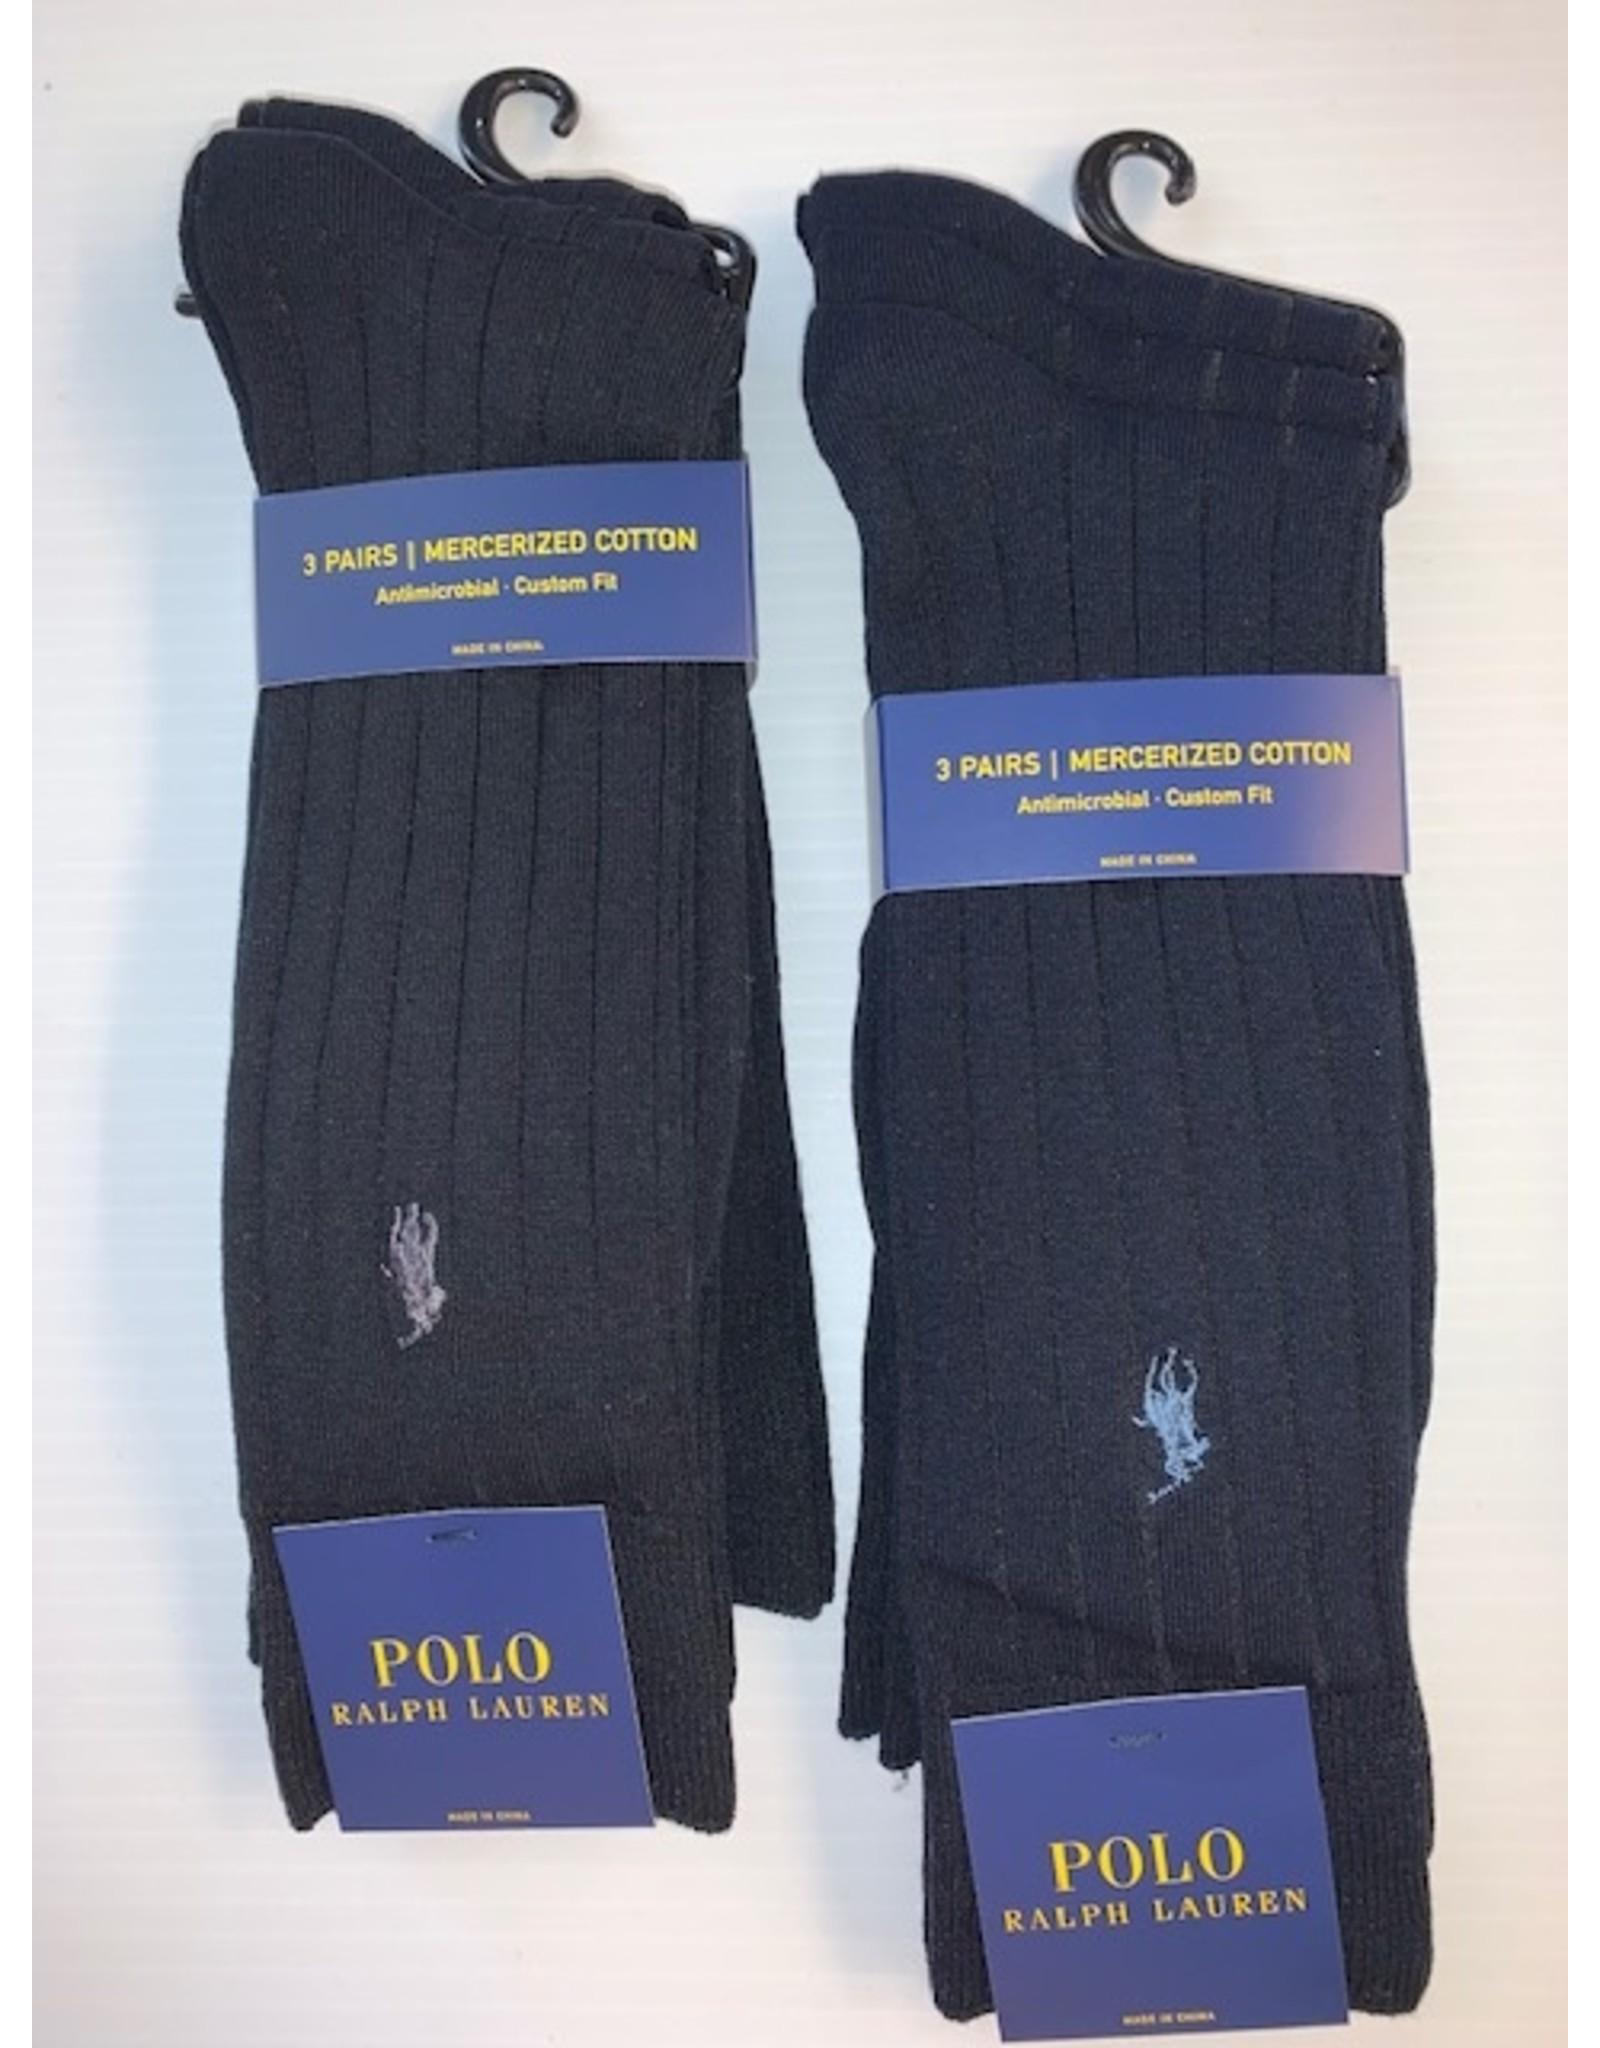 Polo Ralph Lauren  Polo Ralph Lauren Men's Ribbed Mercerized Cotton Dress Socks 3-Pack 8081PK